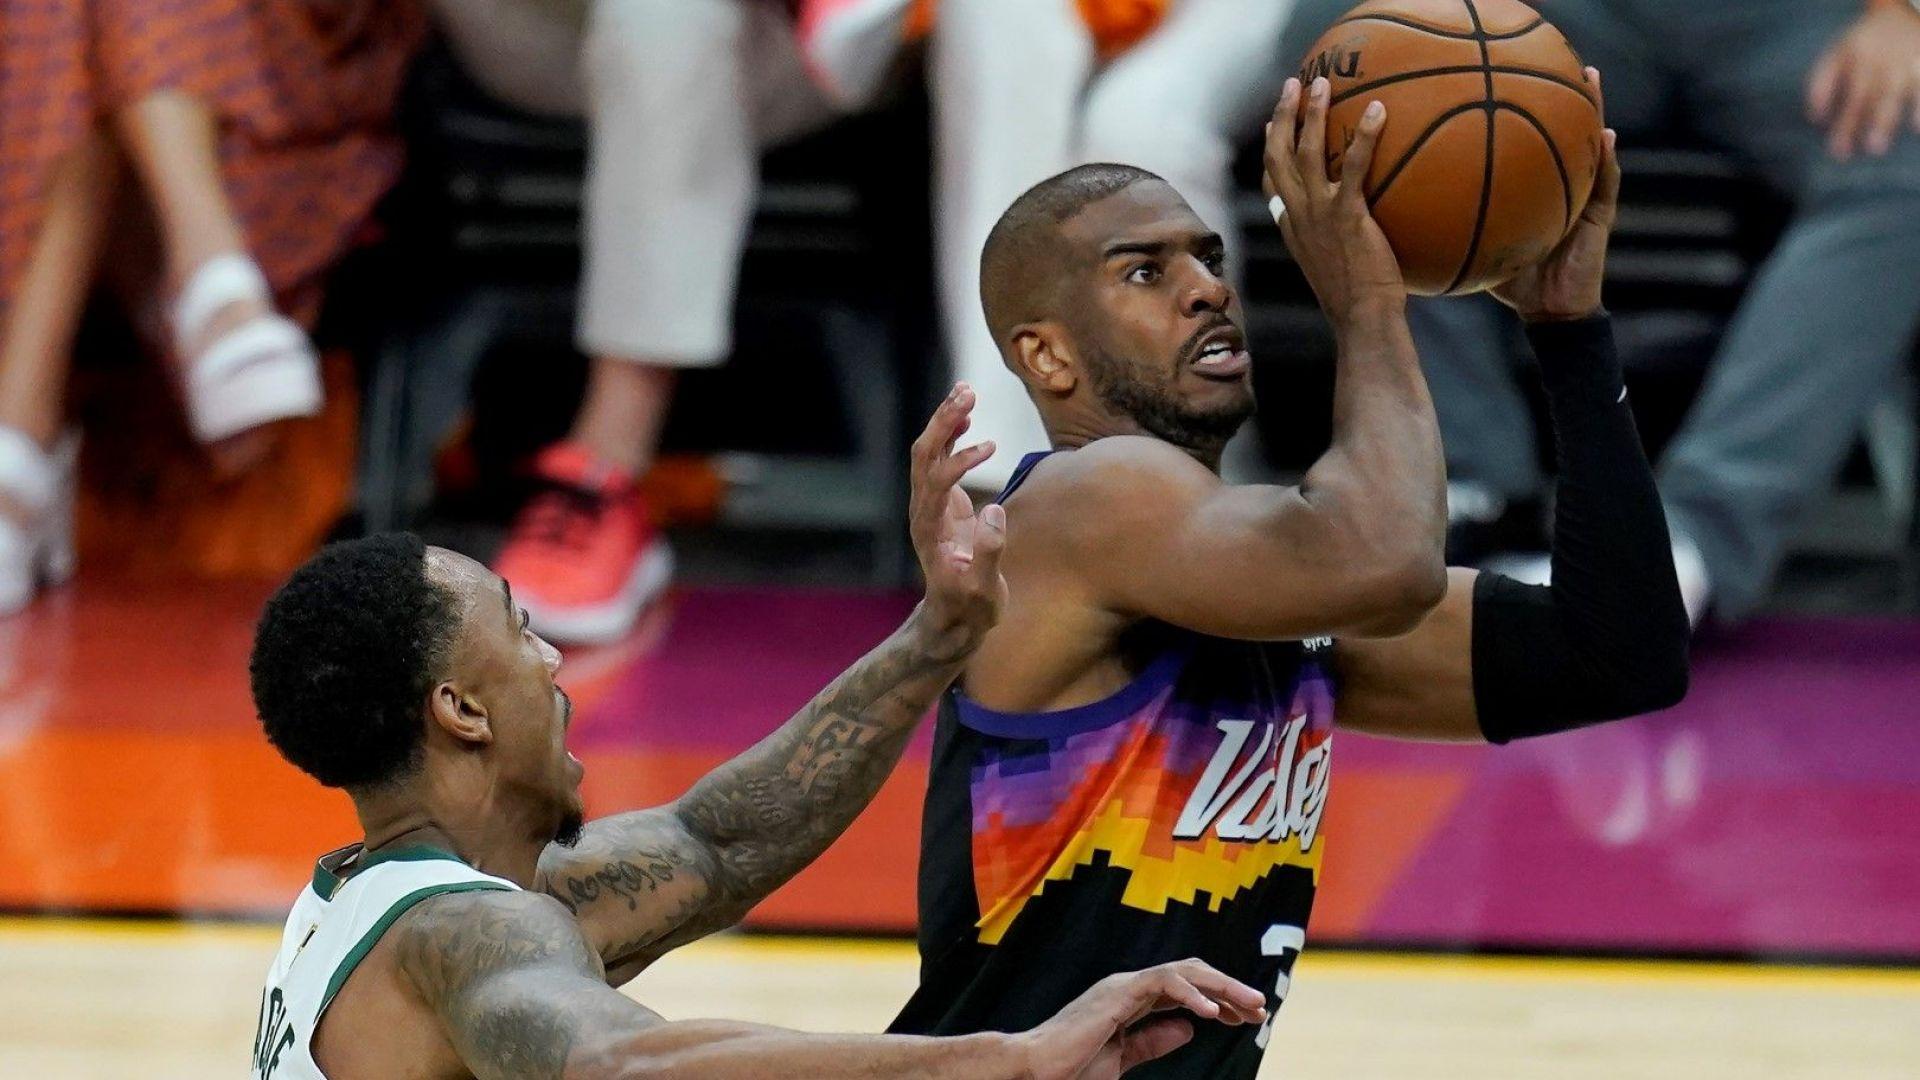 Финикс протегна две ръце към титлата в НБА въпреки супергероя Янис